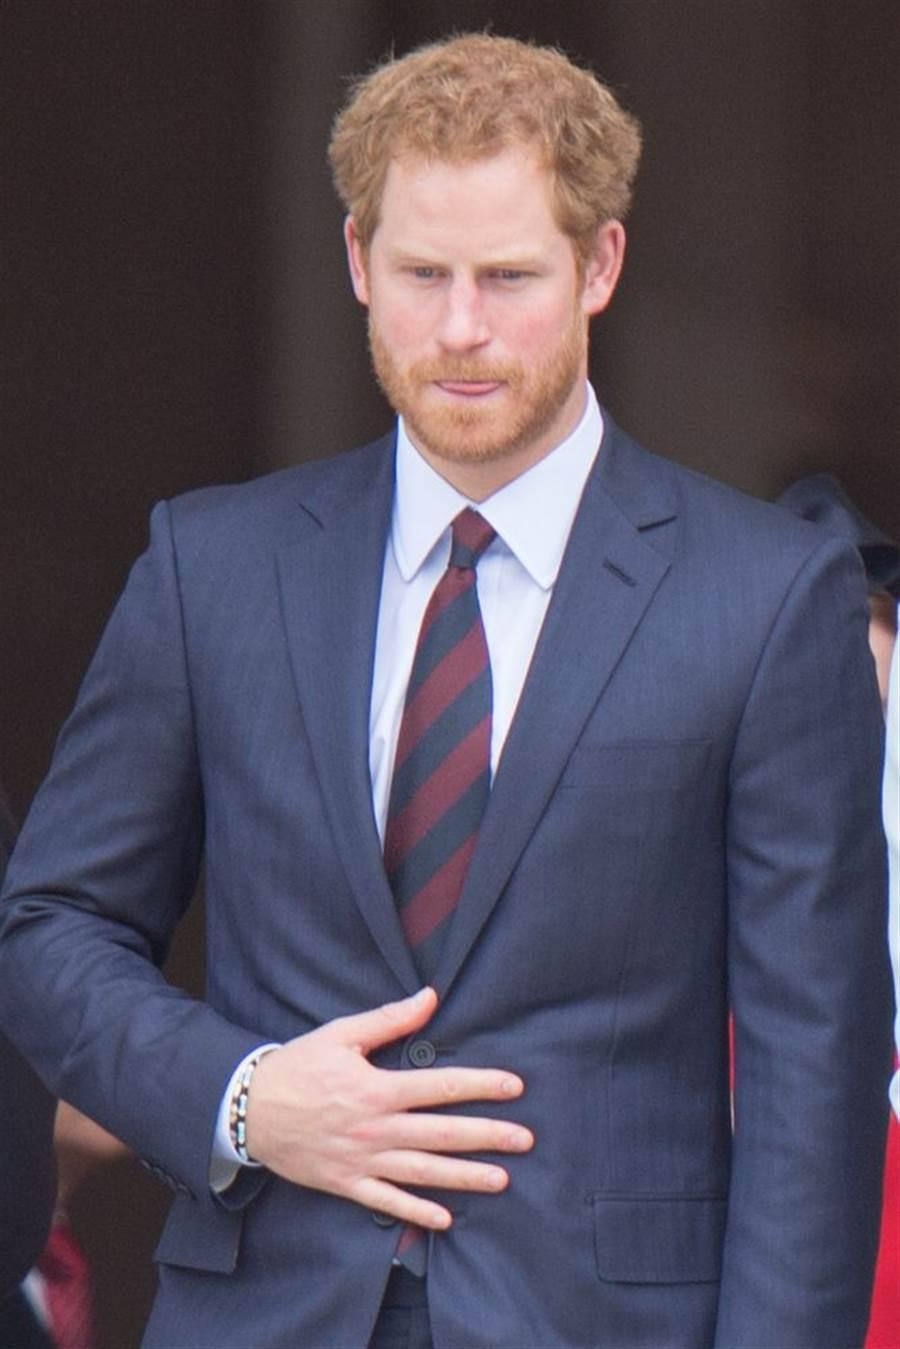 英國哈利王子為保護個人隱私,正式對媒體採取法律行動。(圖/Shutterstock)